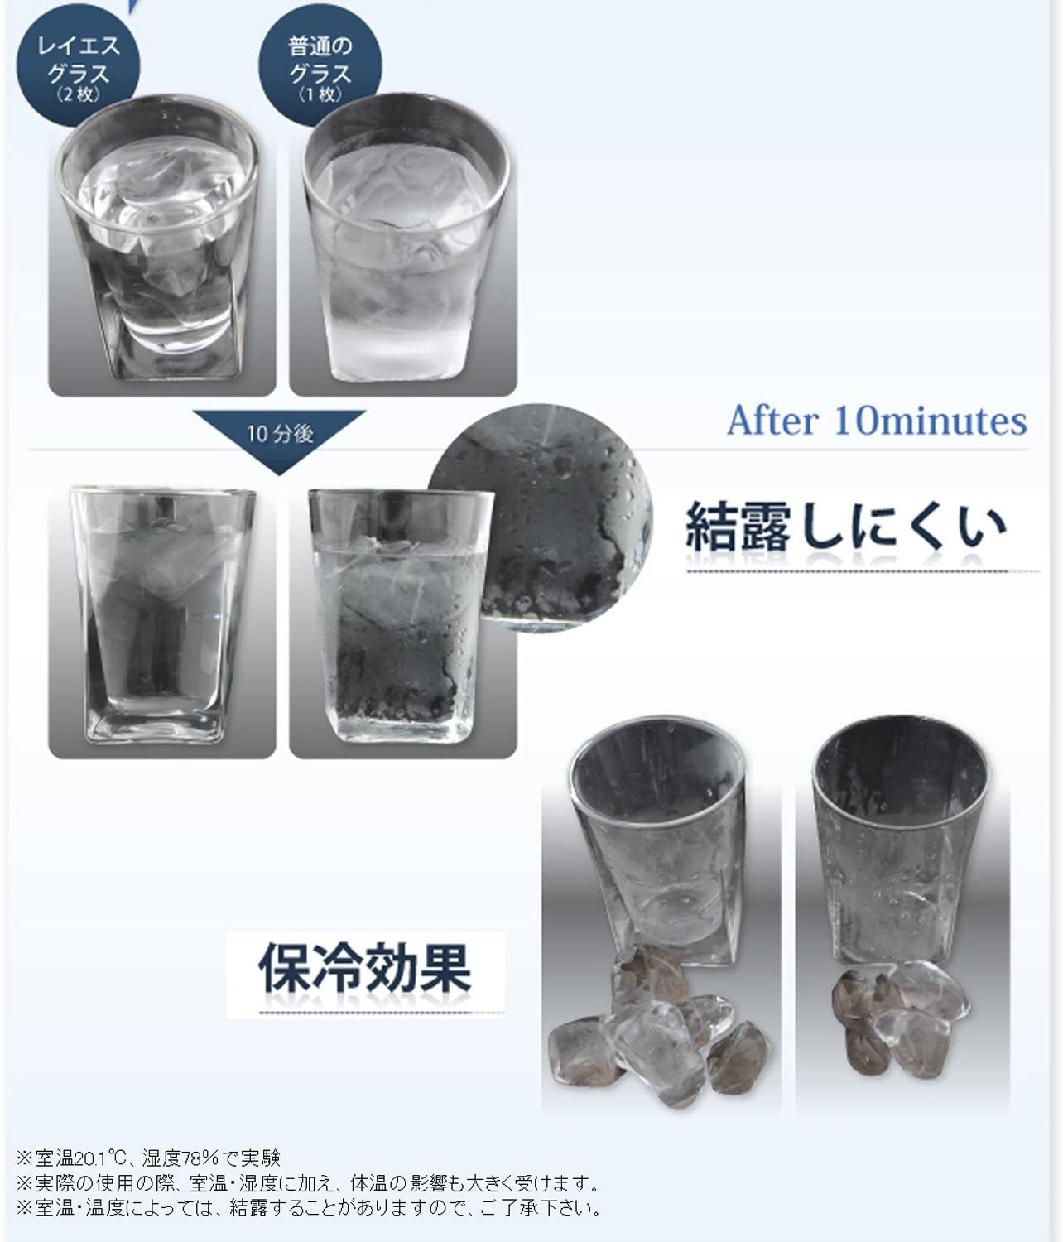 RayES ダブルウォールグラス RDS-002 300mlの商品画像6